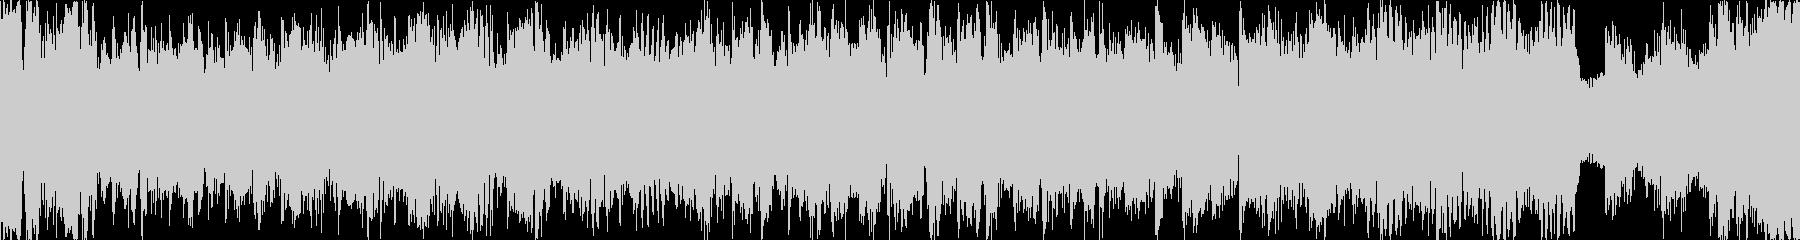 【ループB】パワフルで高揚感ピアノEDMの未再生の波形